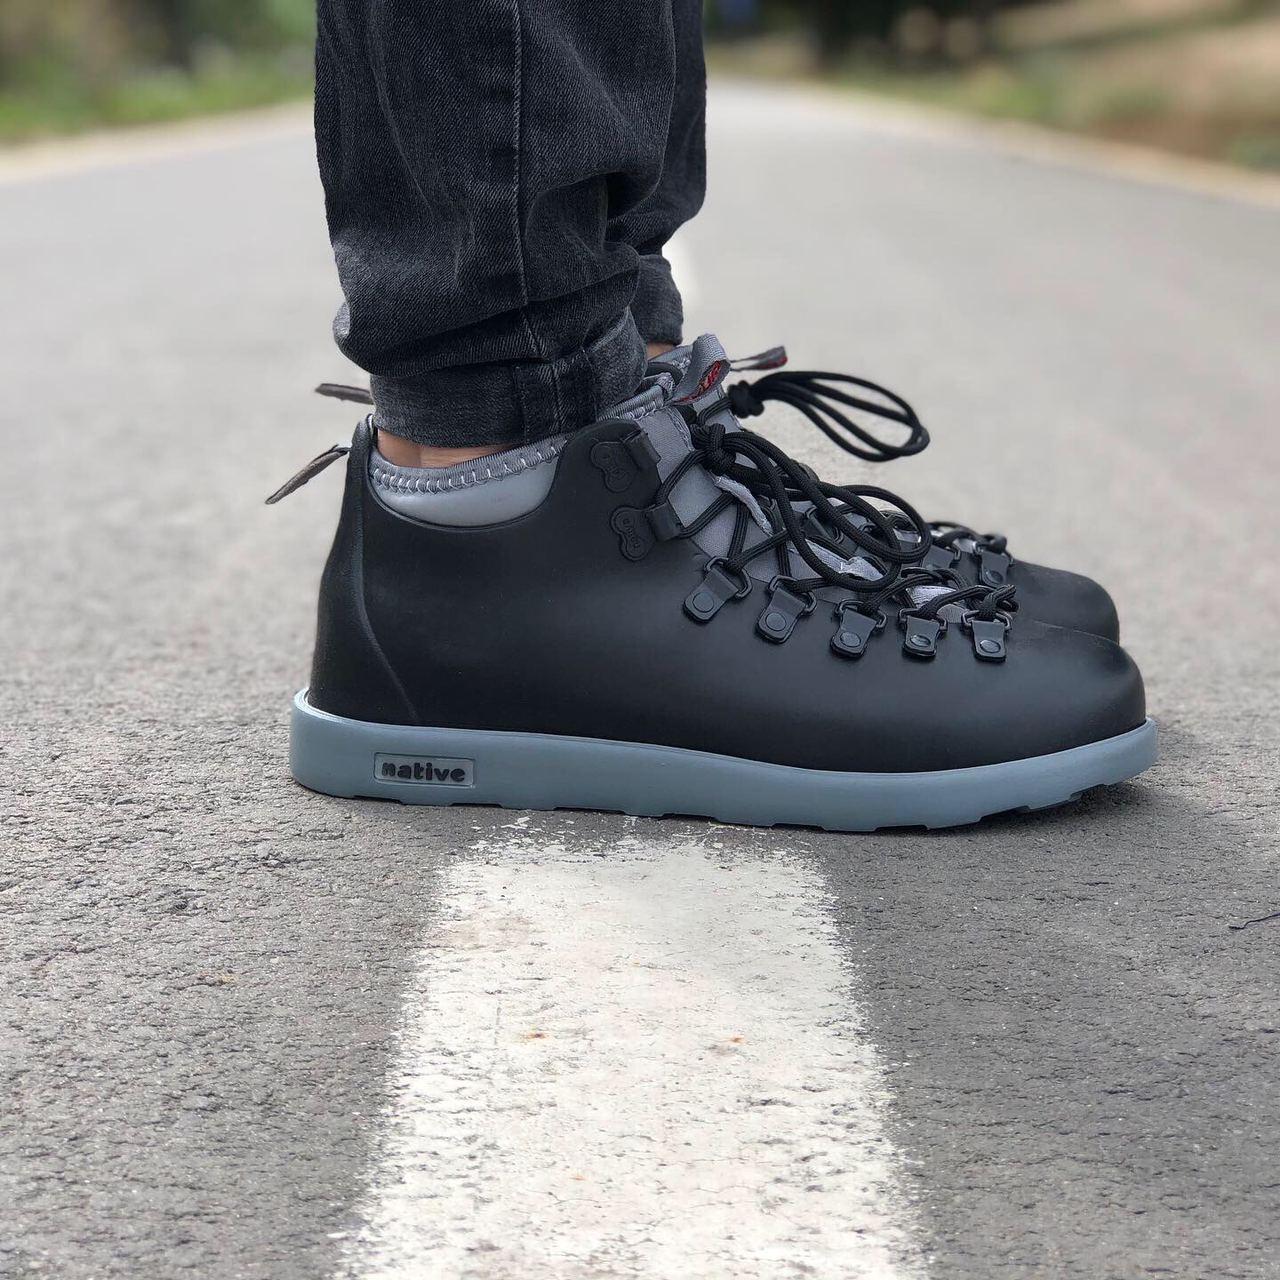 Мужские зимние ботинки Native FITZSIMMONS Black Grey / Нейтив Фитсимонс Черные Серые